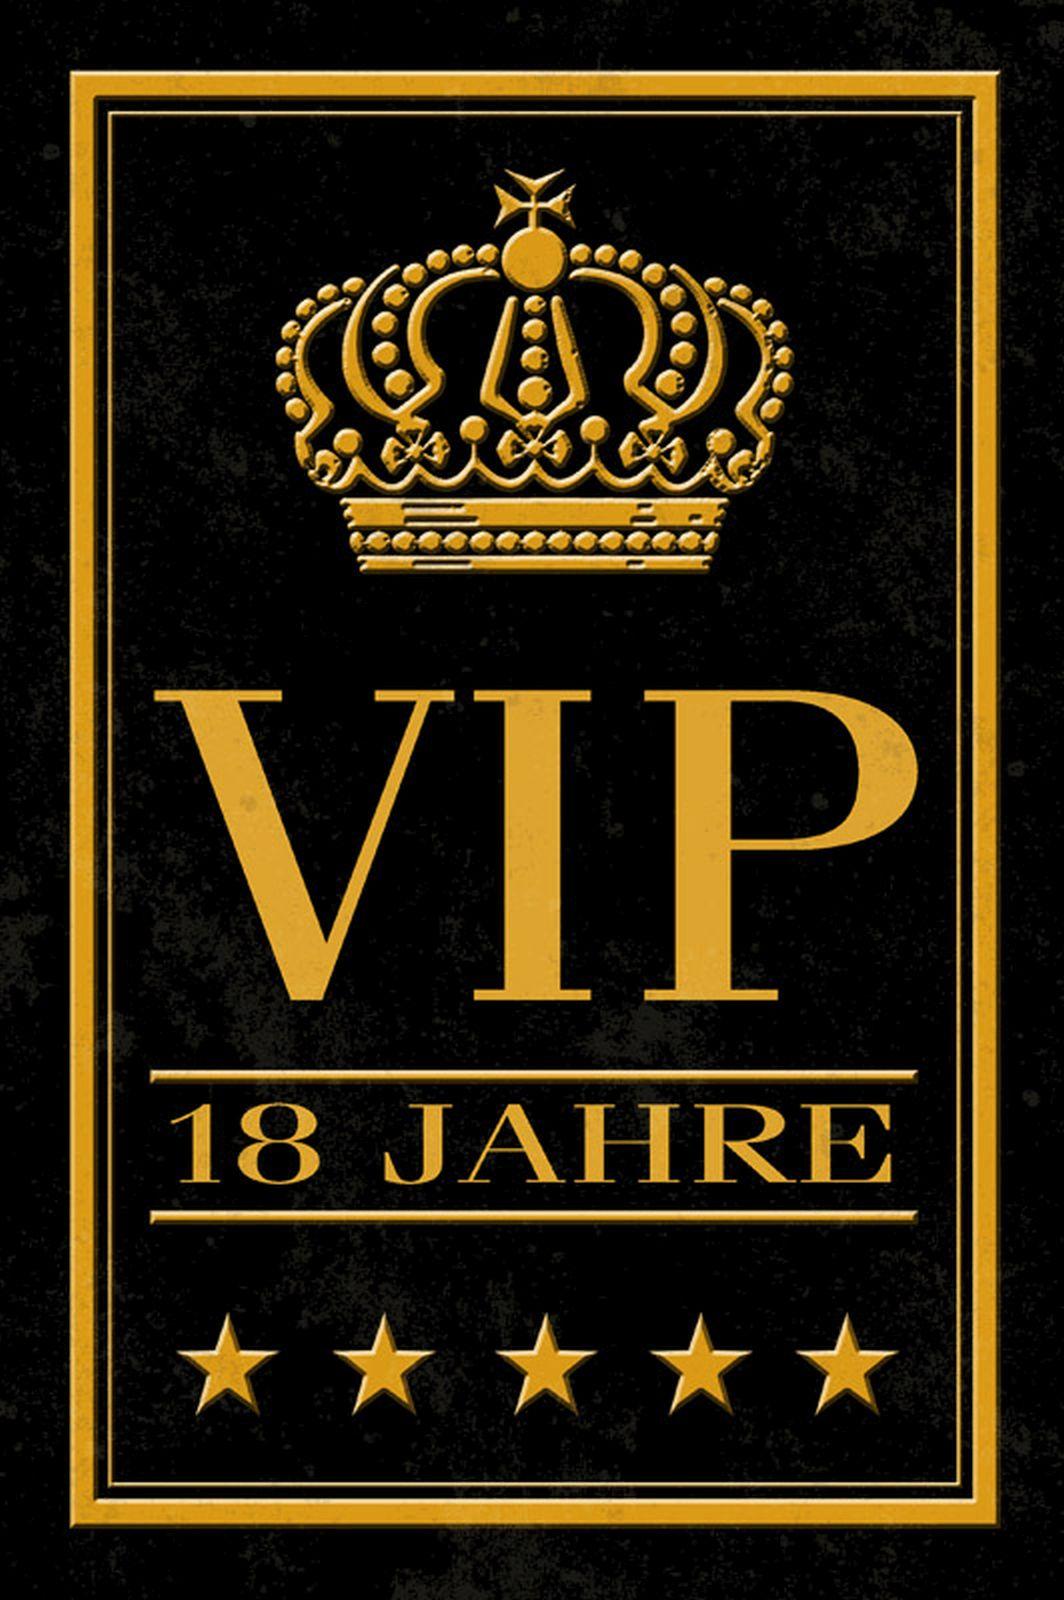 Geburtstag Fun Schild VIP 18 Jahre Alu Blechschild geprägt bedruckt Geschenk